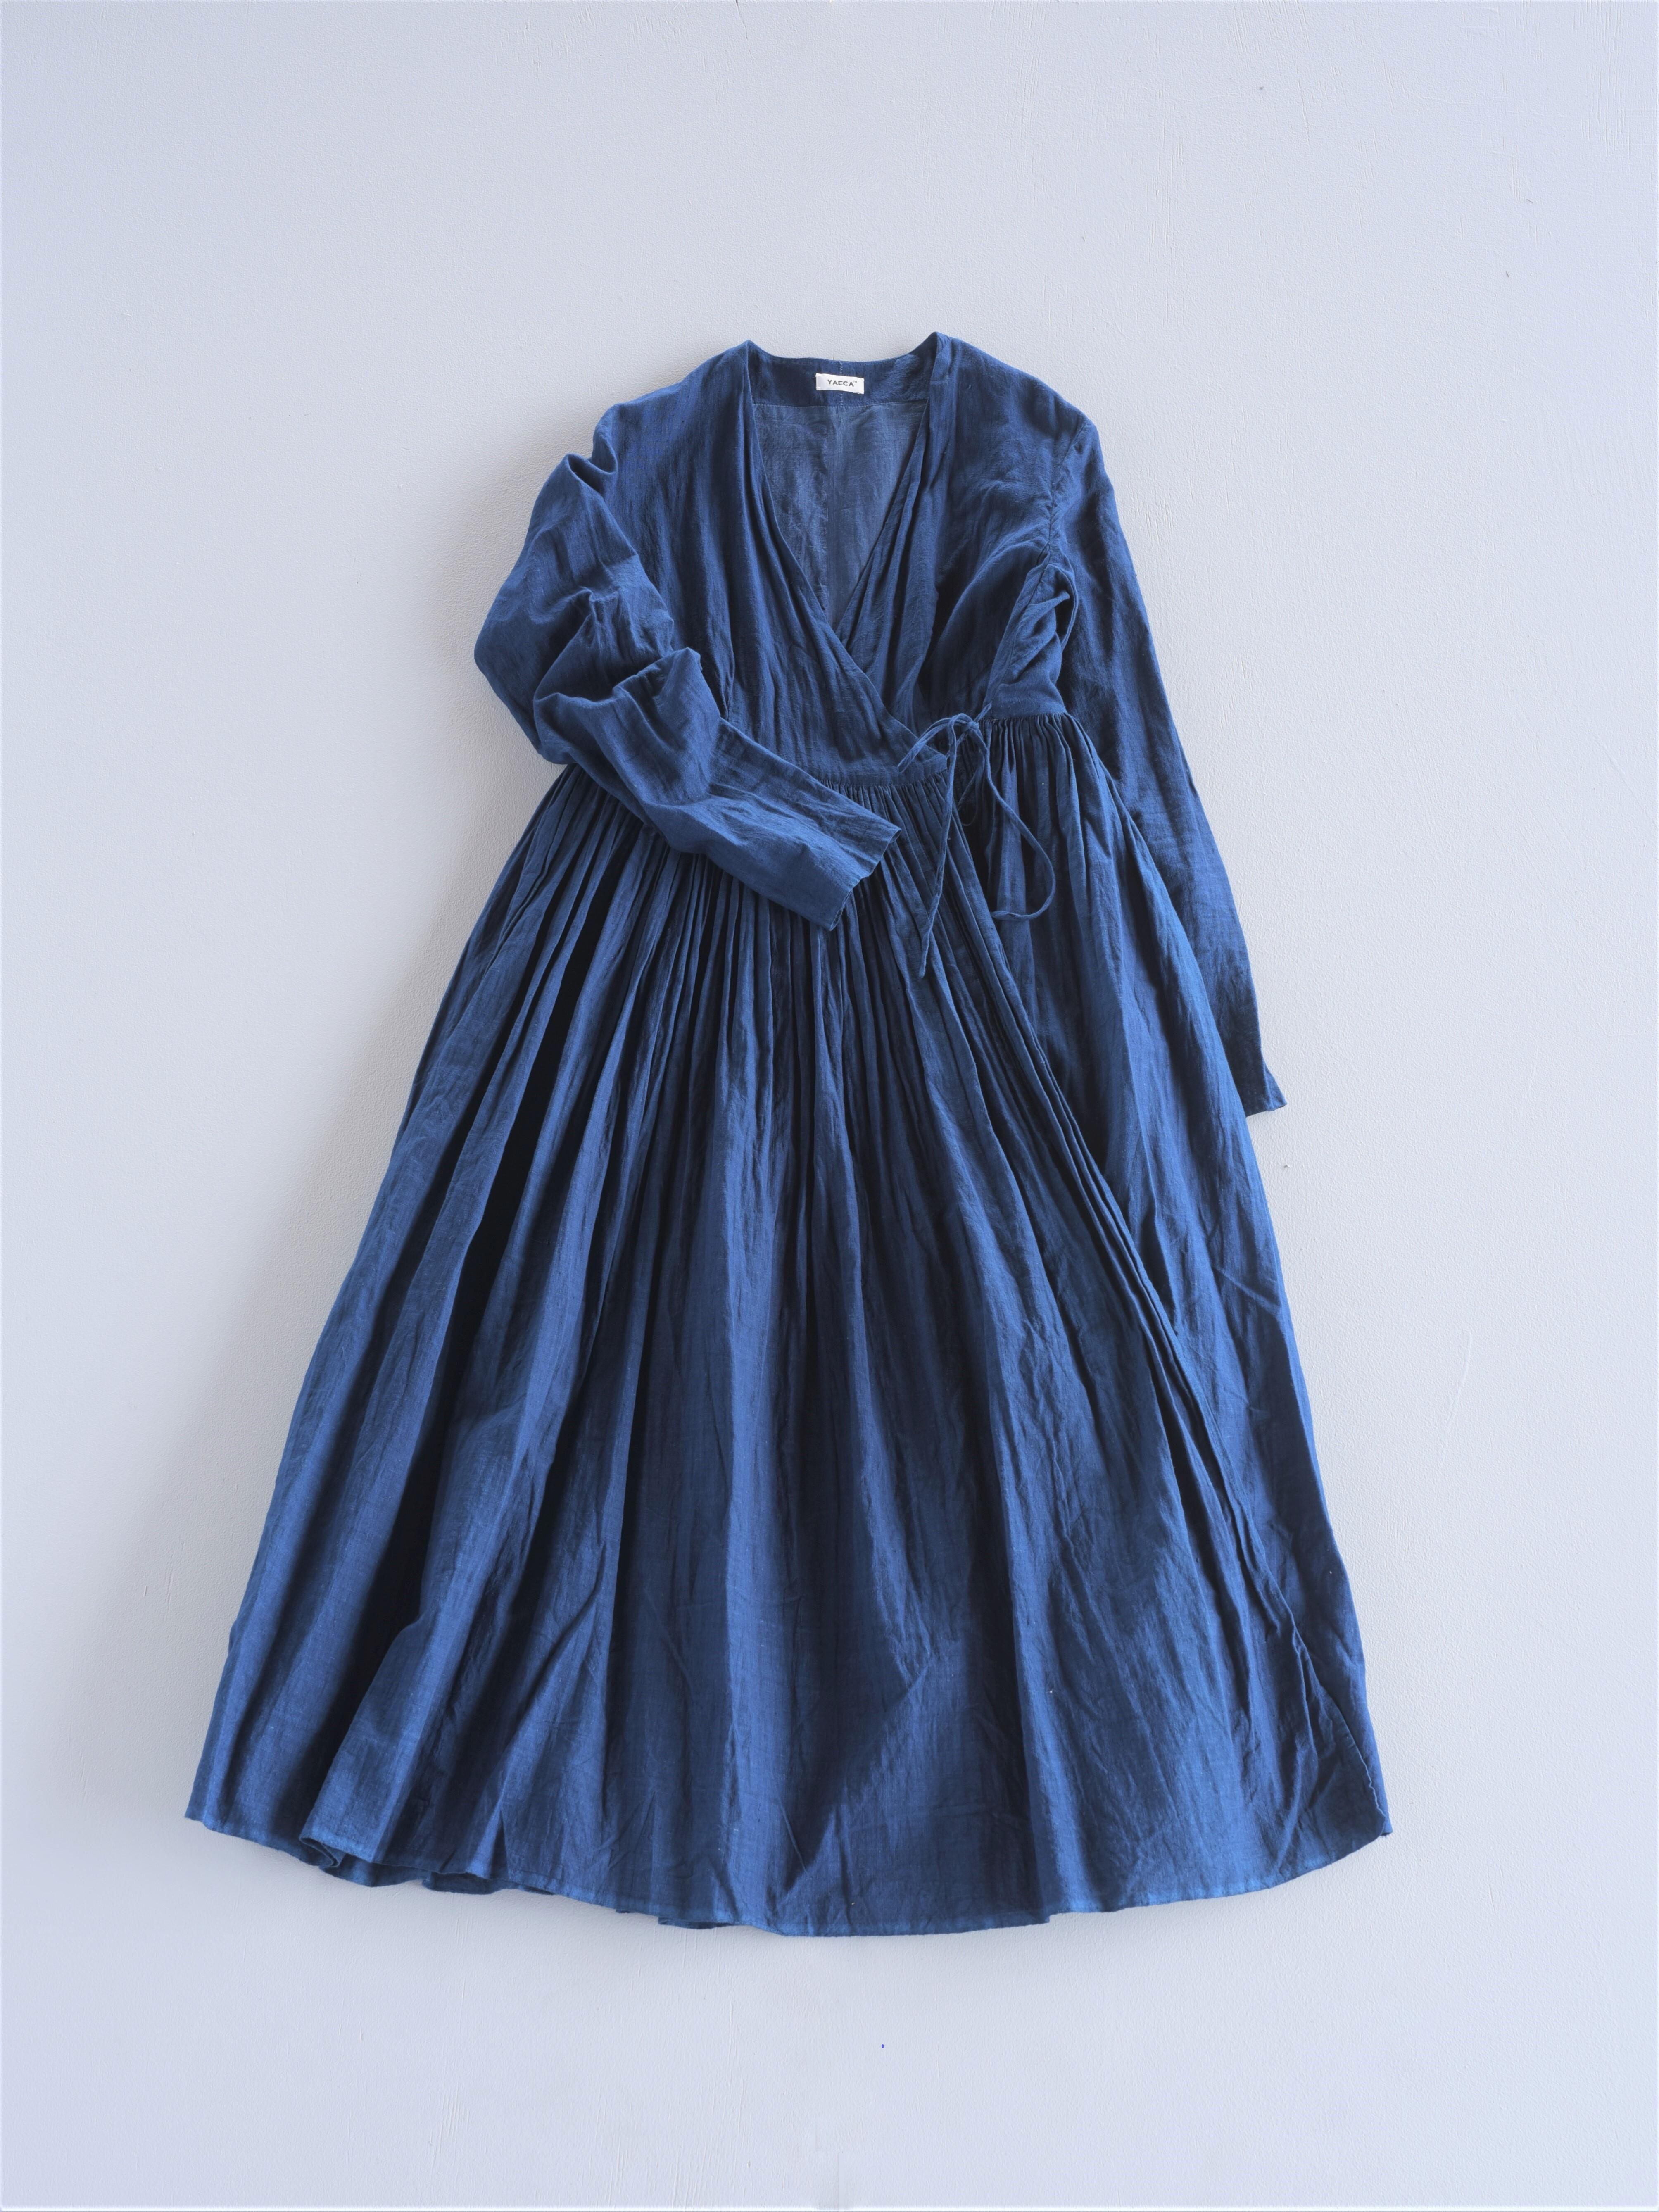 YAECA khadi |ラップギャザードレス indigo本藍